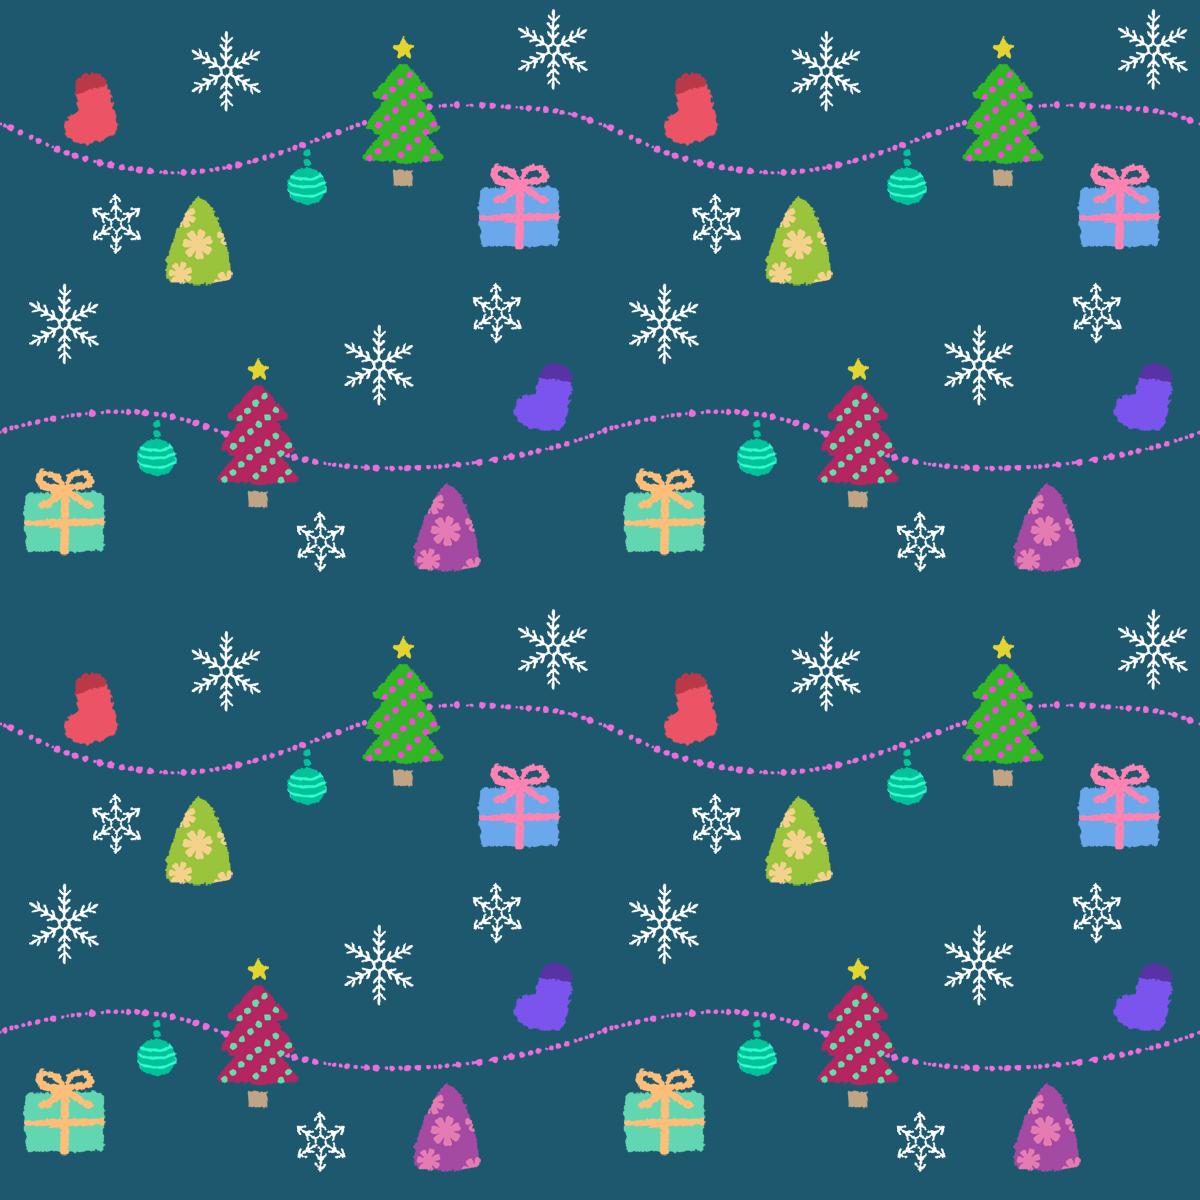 クリスマス柄(ツリー・小物)-無料シームレス背景素材: イラストpripri